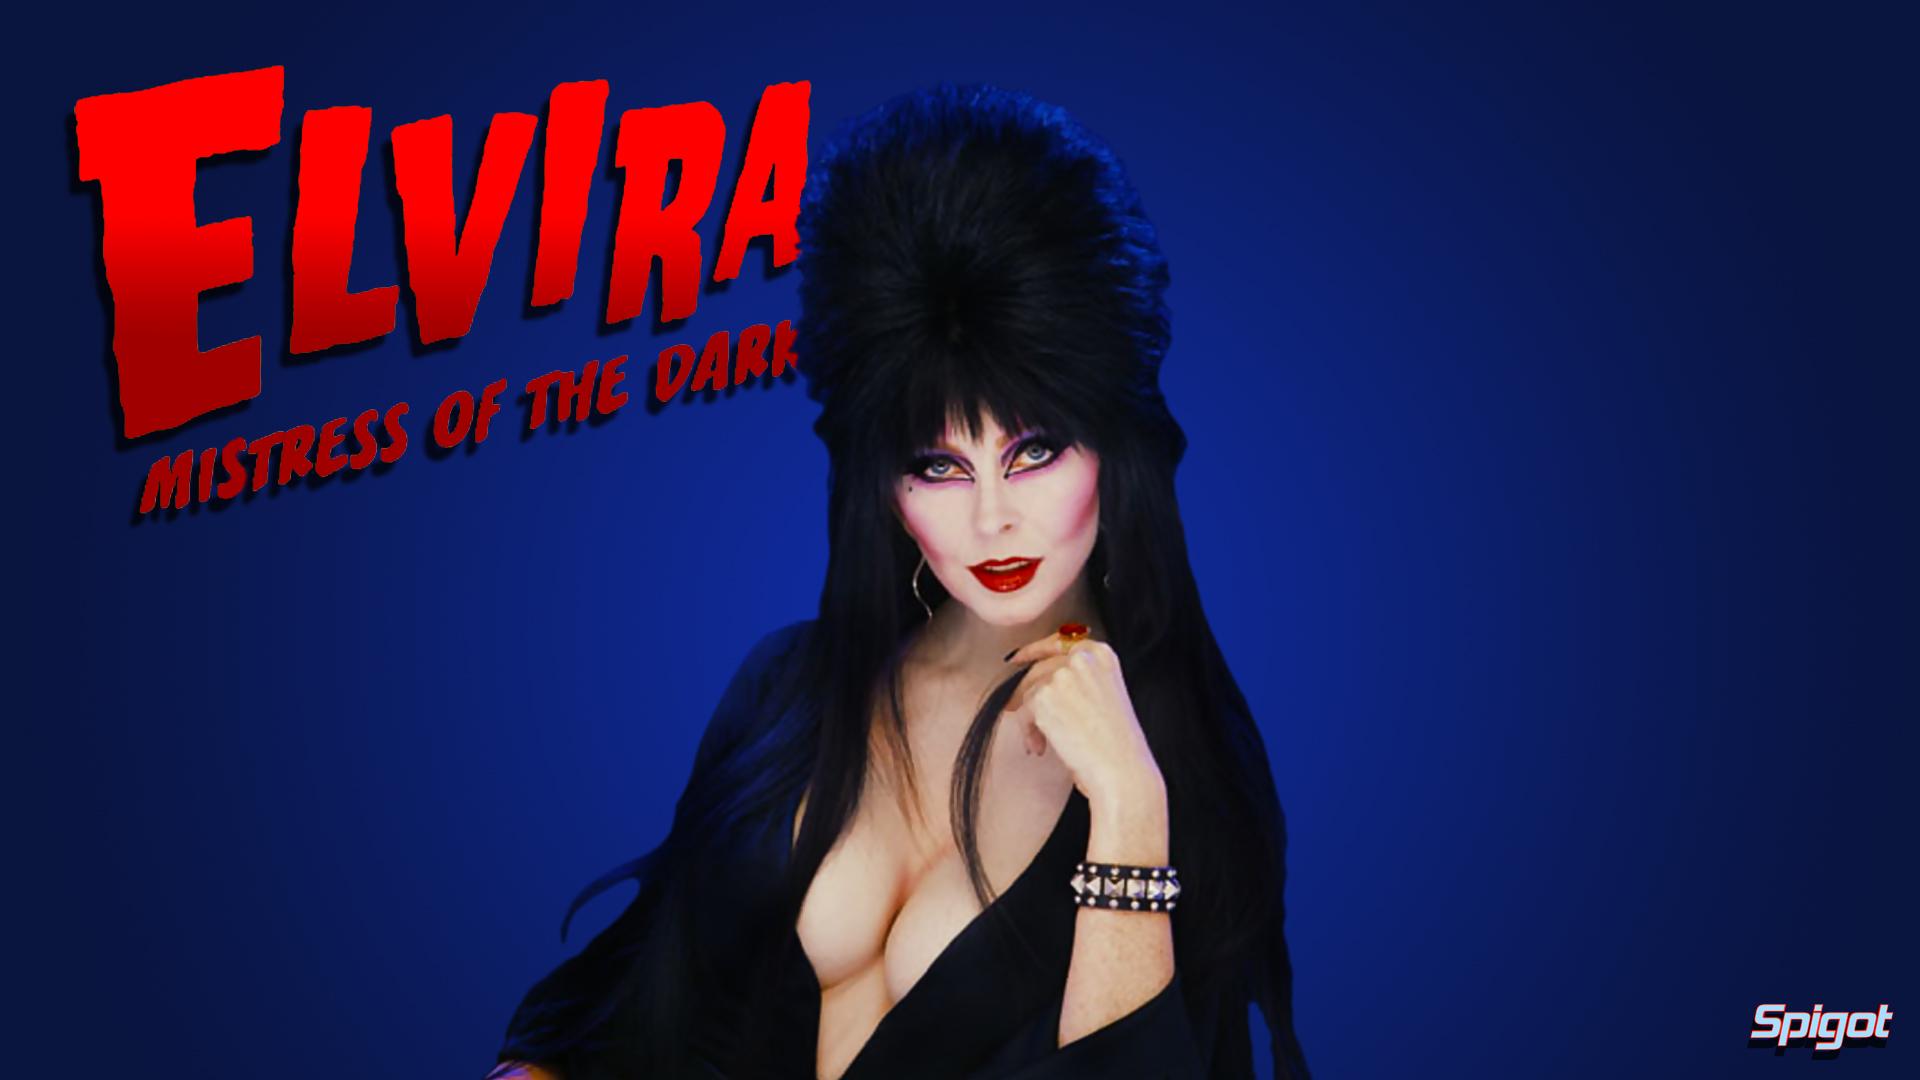 Elvira Mistress Of The Dark Wallpaper Sf Wallpaper